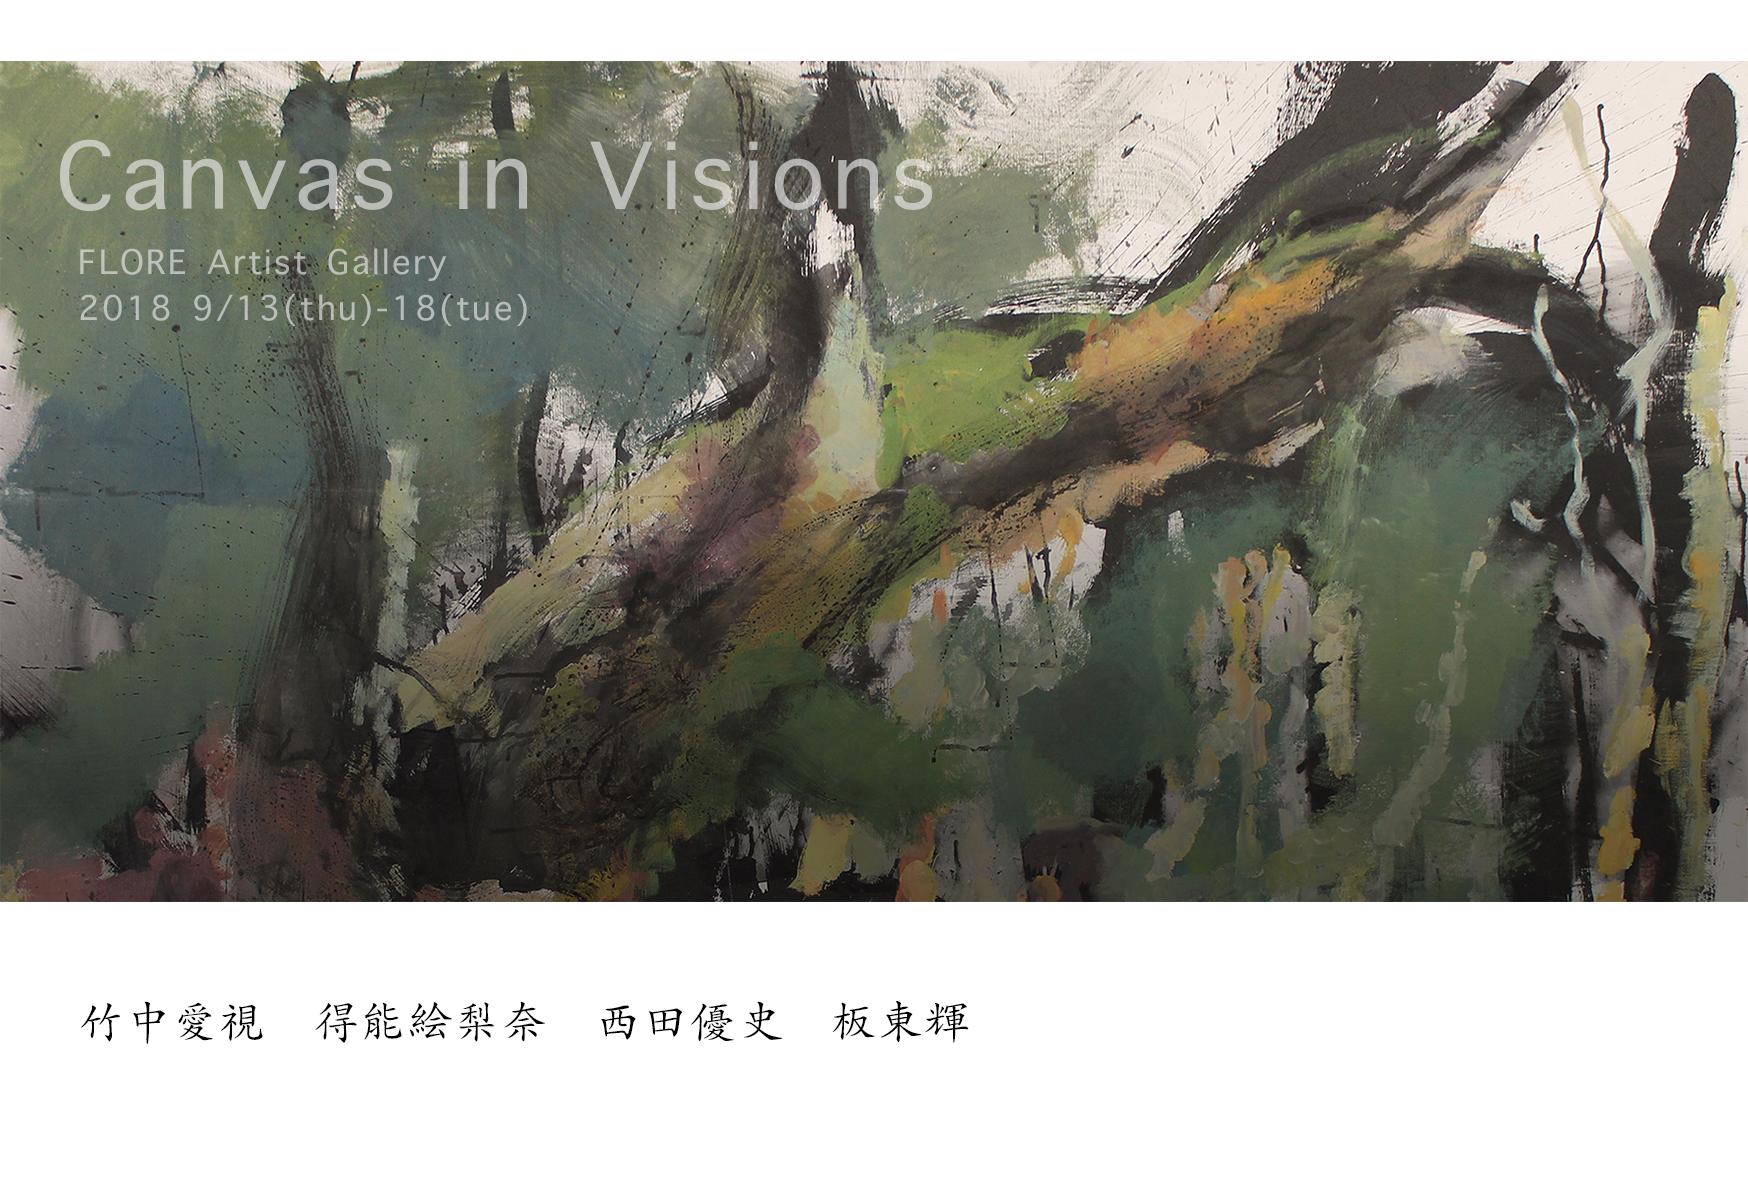 2018年9月14日(金)~9月18日(火)   Canvas in Visions 展